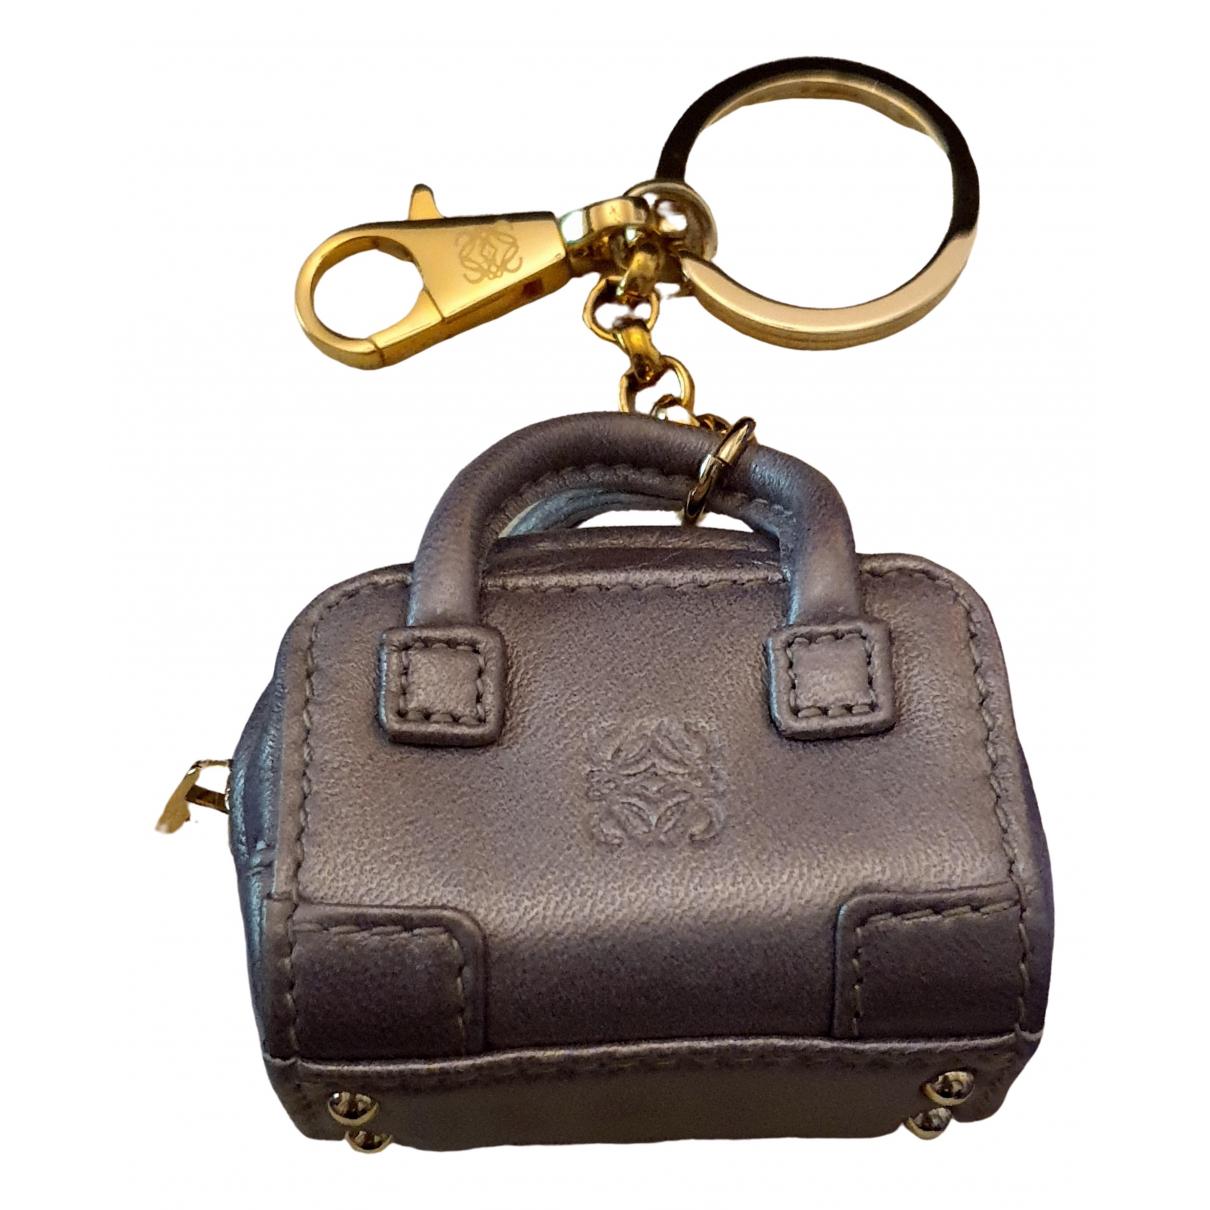 Loewe - Bijoux de sac   pour femme en cuir - metallise